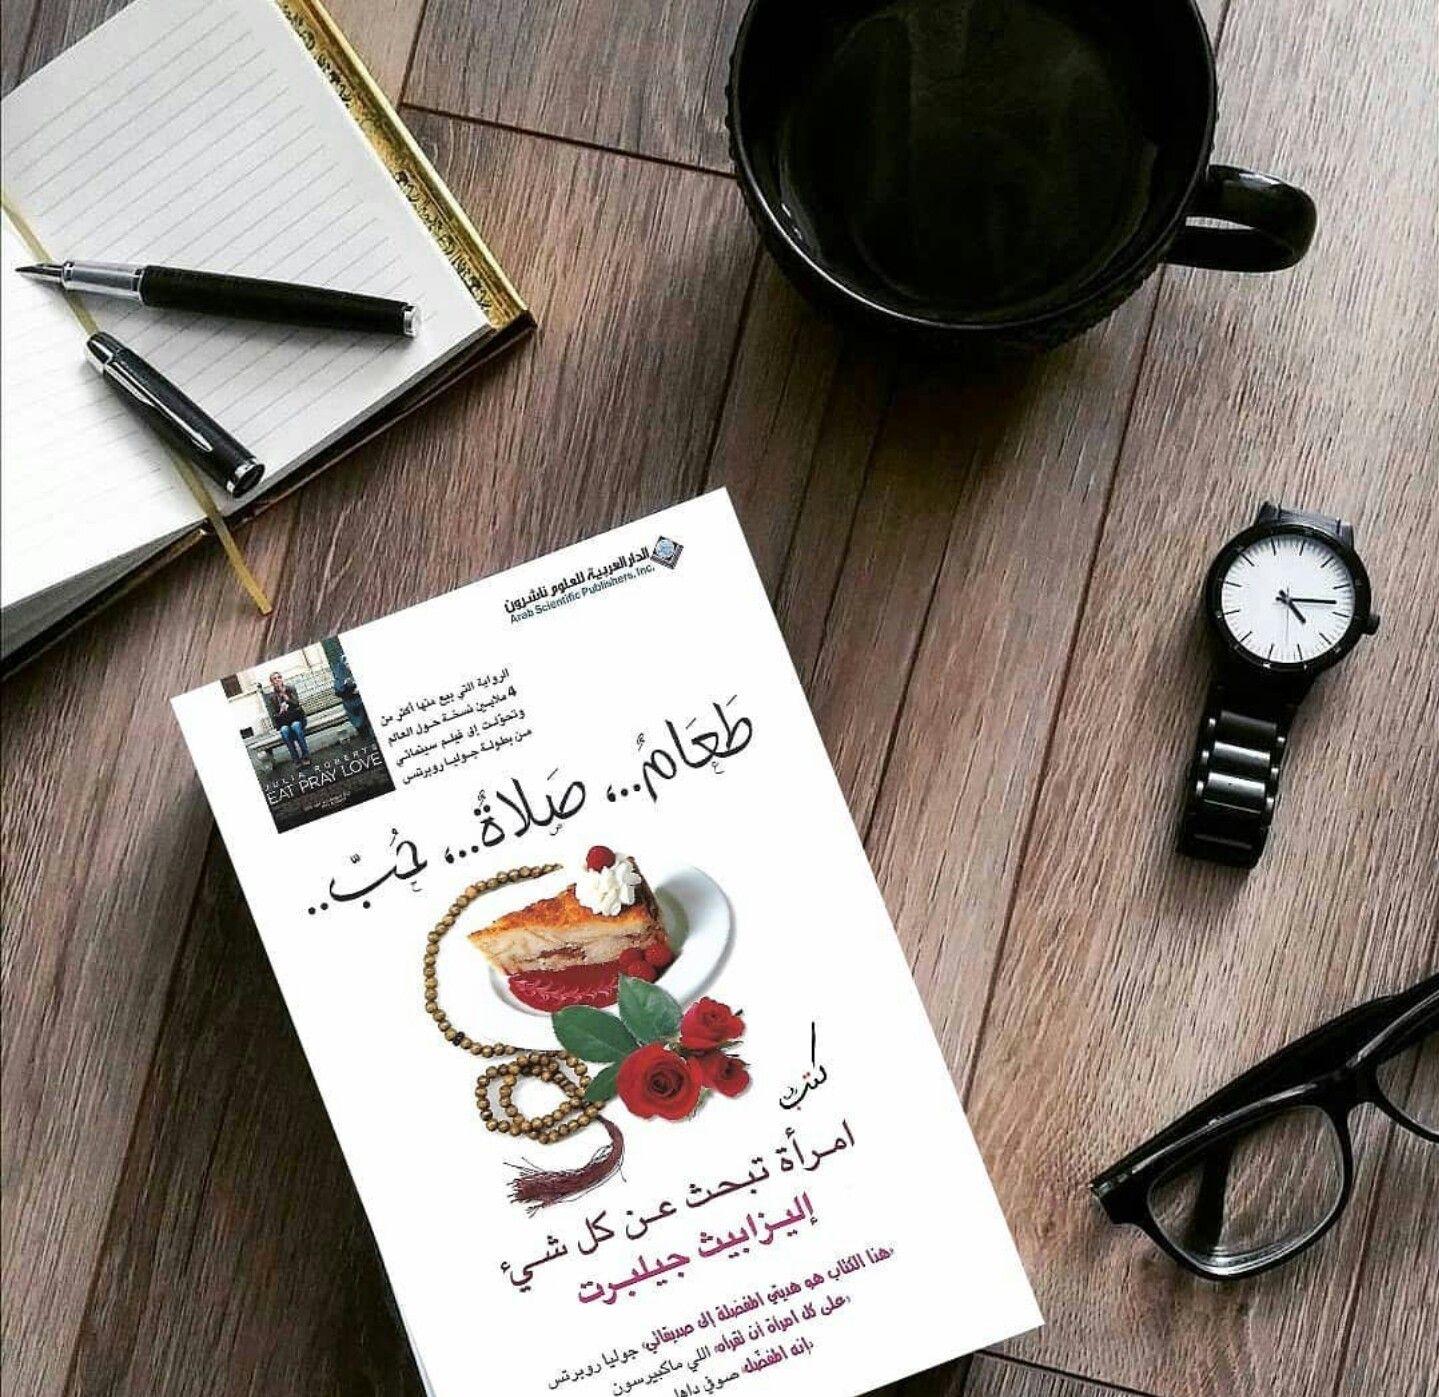 إليزابيث في العقد الثالث من عمرها تسكن في منزل فاخر مع زوج محب يريد ان ينشئ عائلة ولكن هذا المشروع ليس من ضمن أولوياتها Book Qoutes Film Books Arabic Books